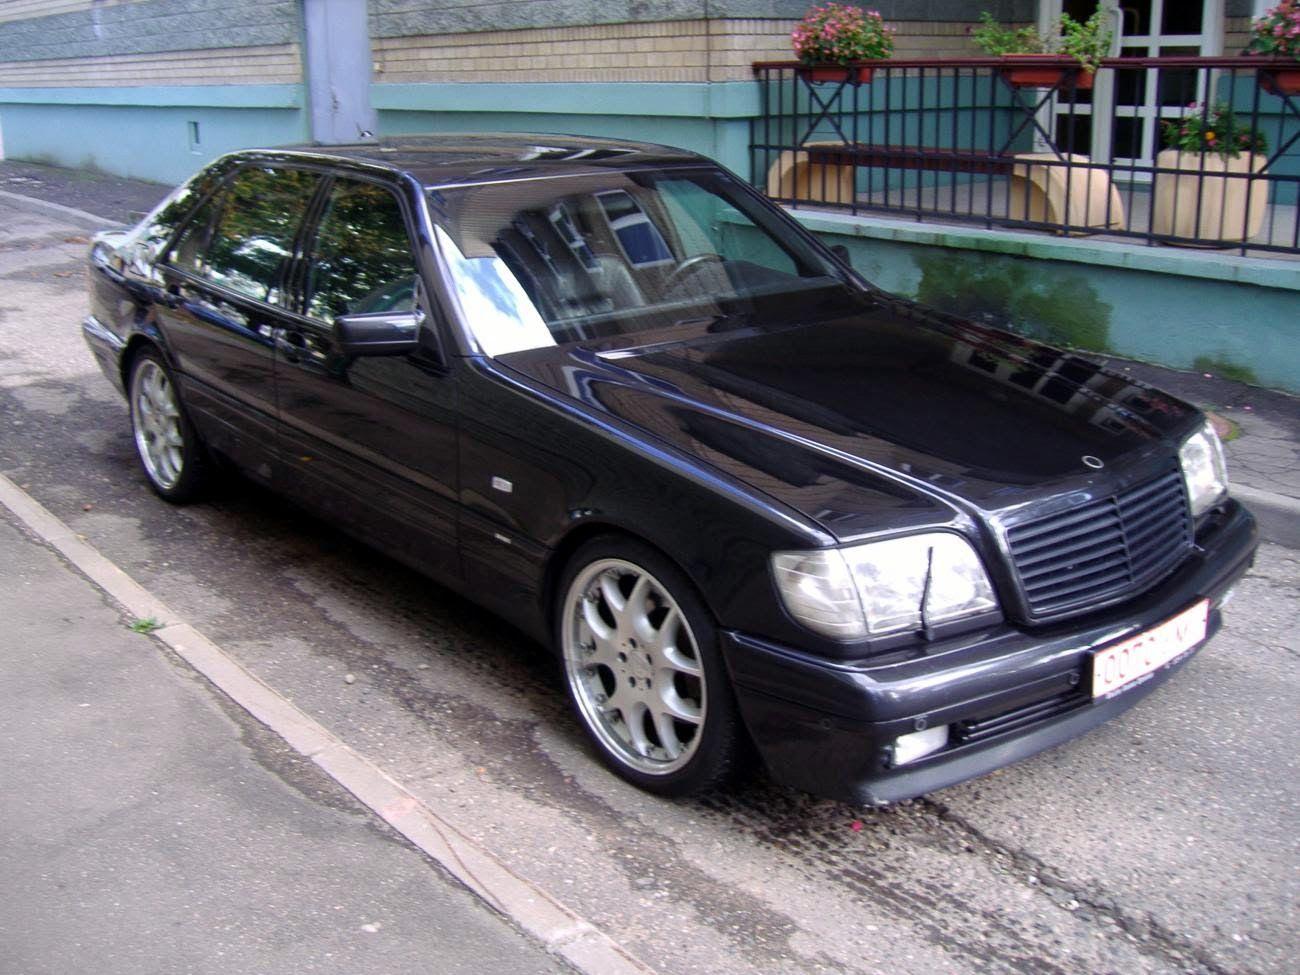 Brabus S 7 3 W140 V12 Mercedes Benz Benz Mercedes Benz Classic